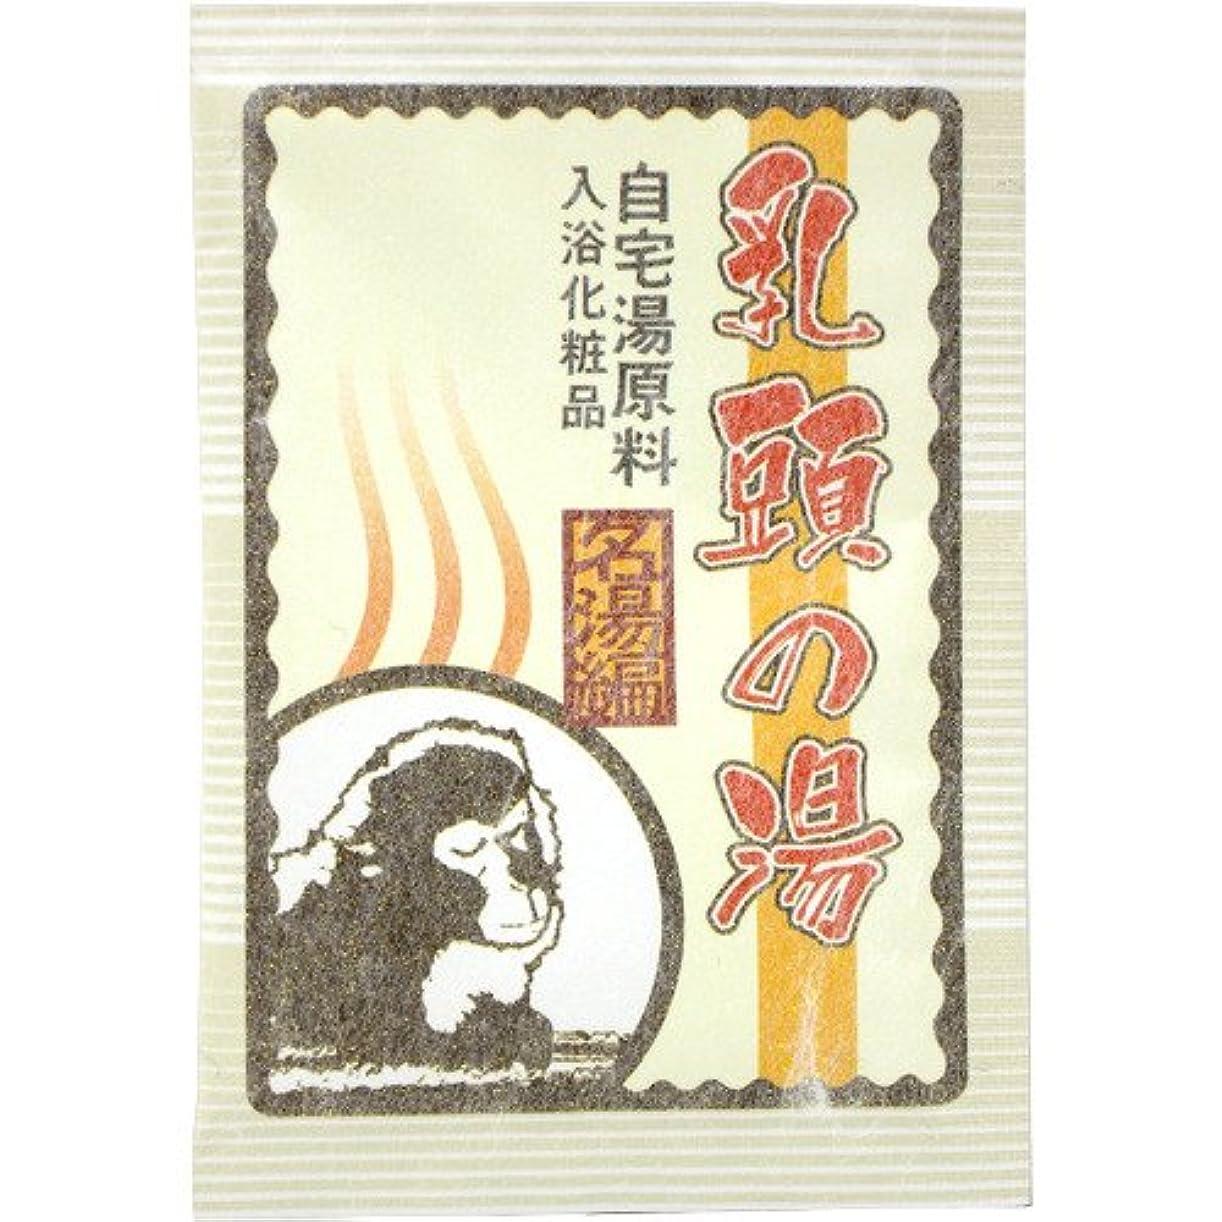 パイル自分自身厳環境科学 自宅湯原料 名湯編 乳頭の湯 30g 4519445310200